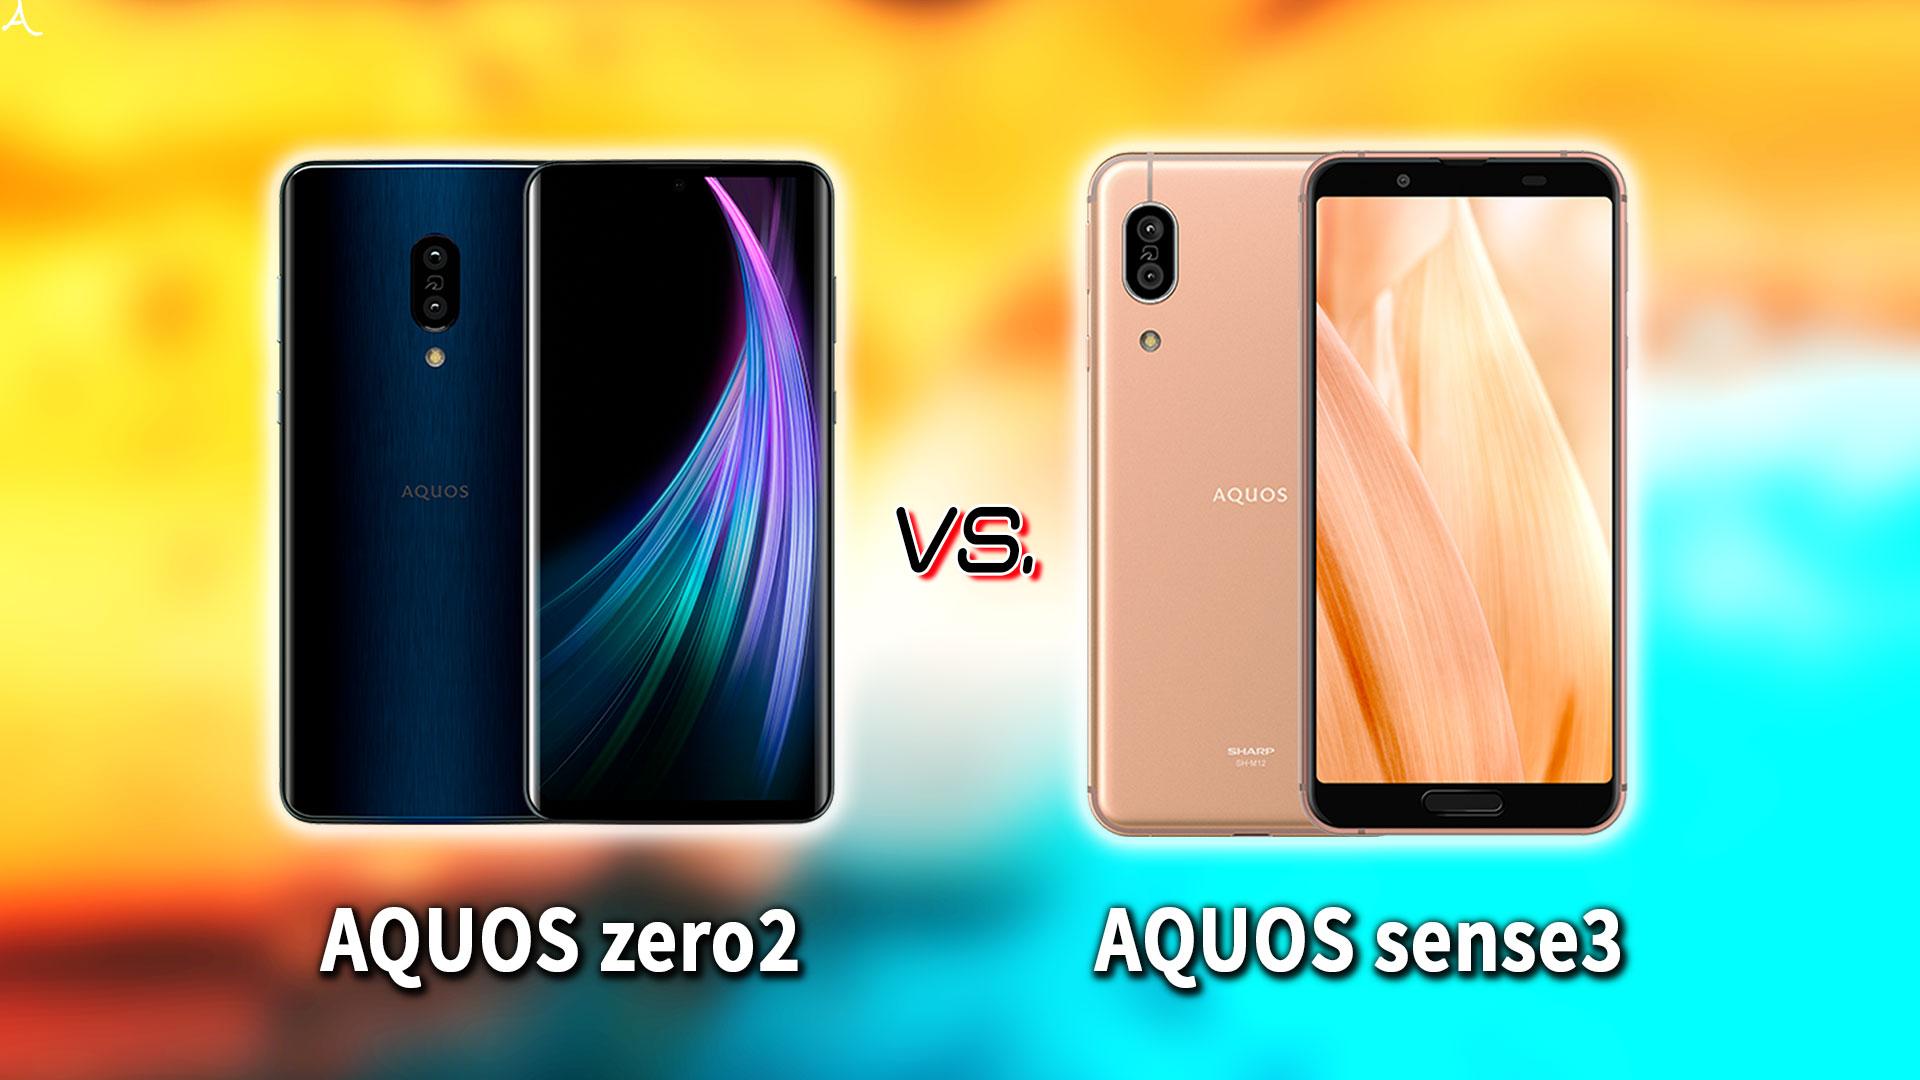 「AQUOS zero2」と「AQUOS sense3」の違いを比較:どっちを買う?